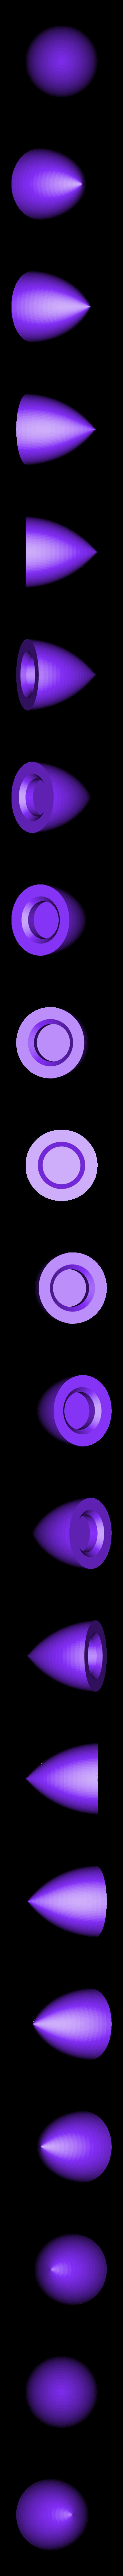 corne OBELIX.stl Download free STL file BOBIX HELMET • 3D printer template, DJER